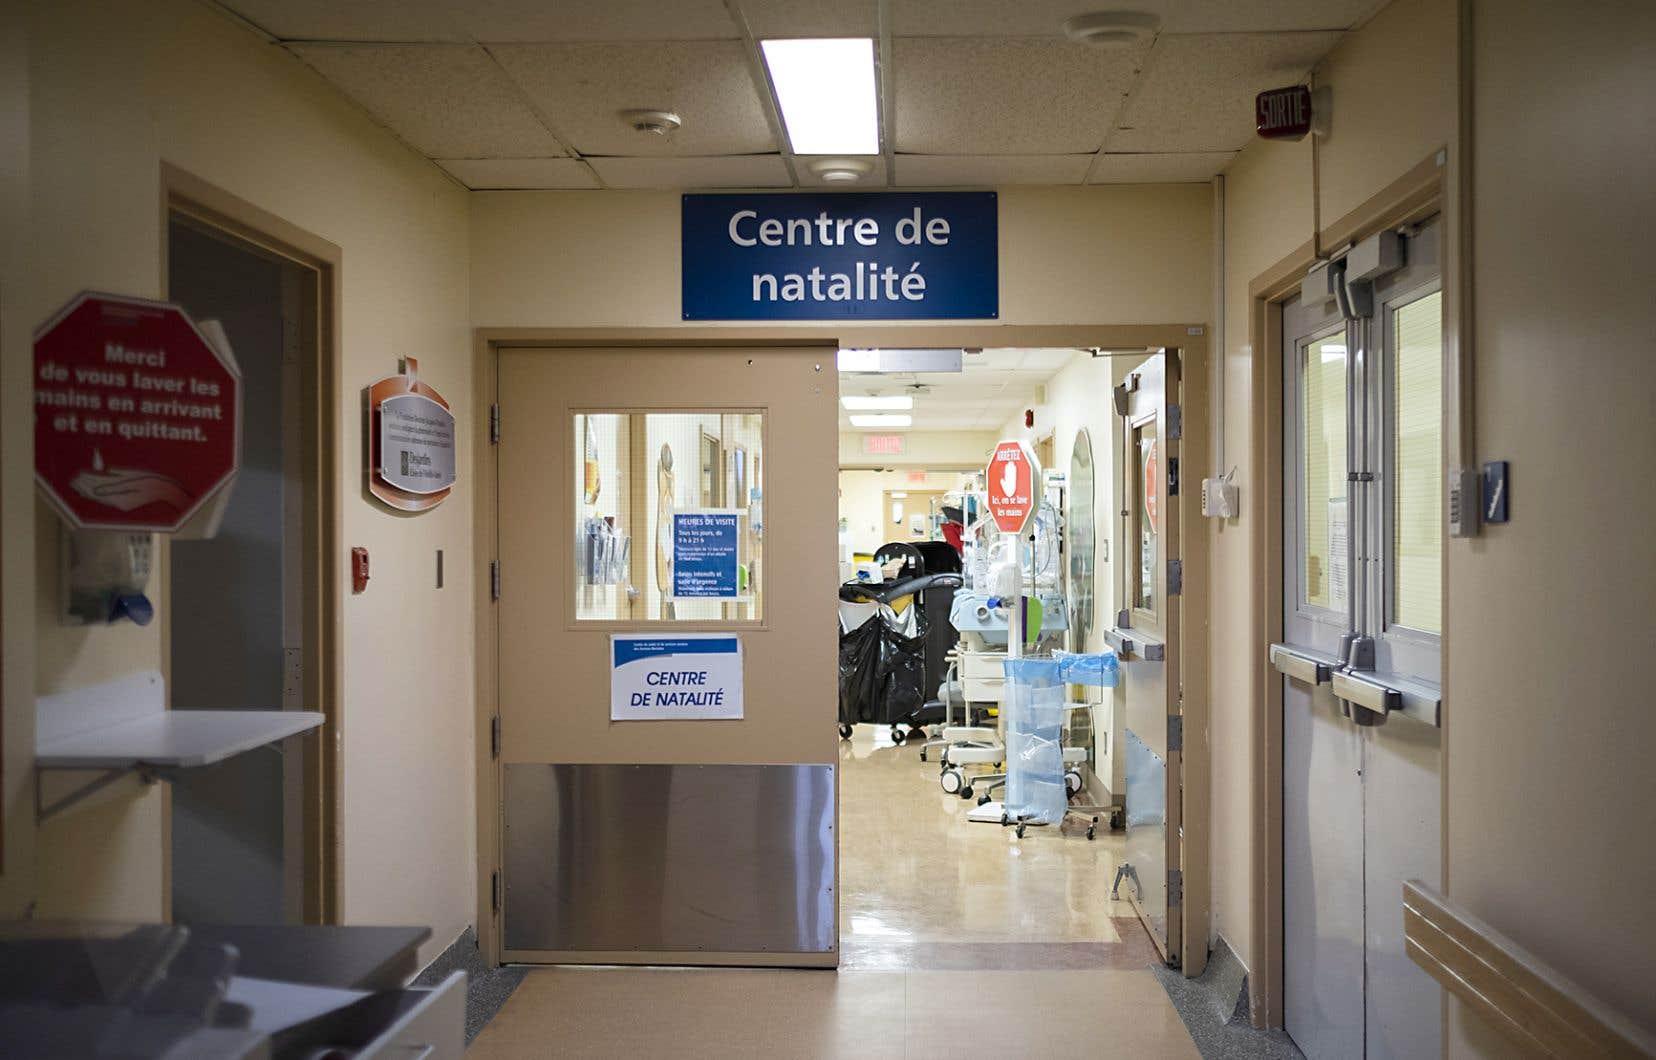 Faute de personnel infirmier, l'hôpital de cette petite ville d'Abitibi-Ouest ne pouvait plus prendre en charge les accouchements depuis près de deux mois.